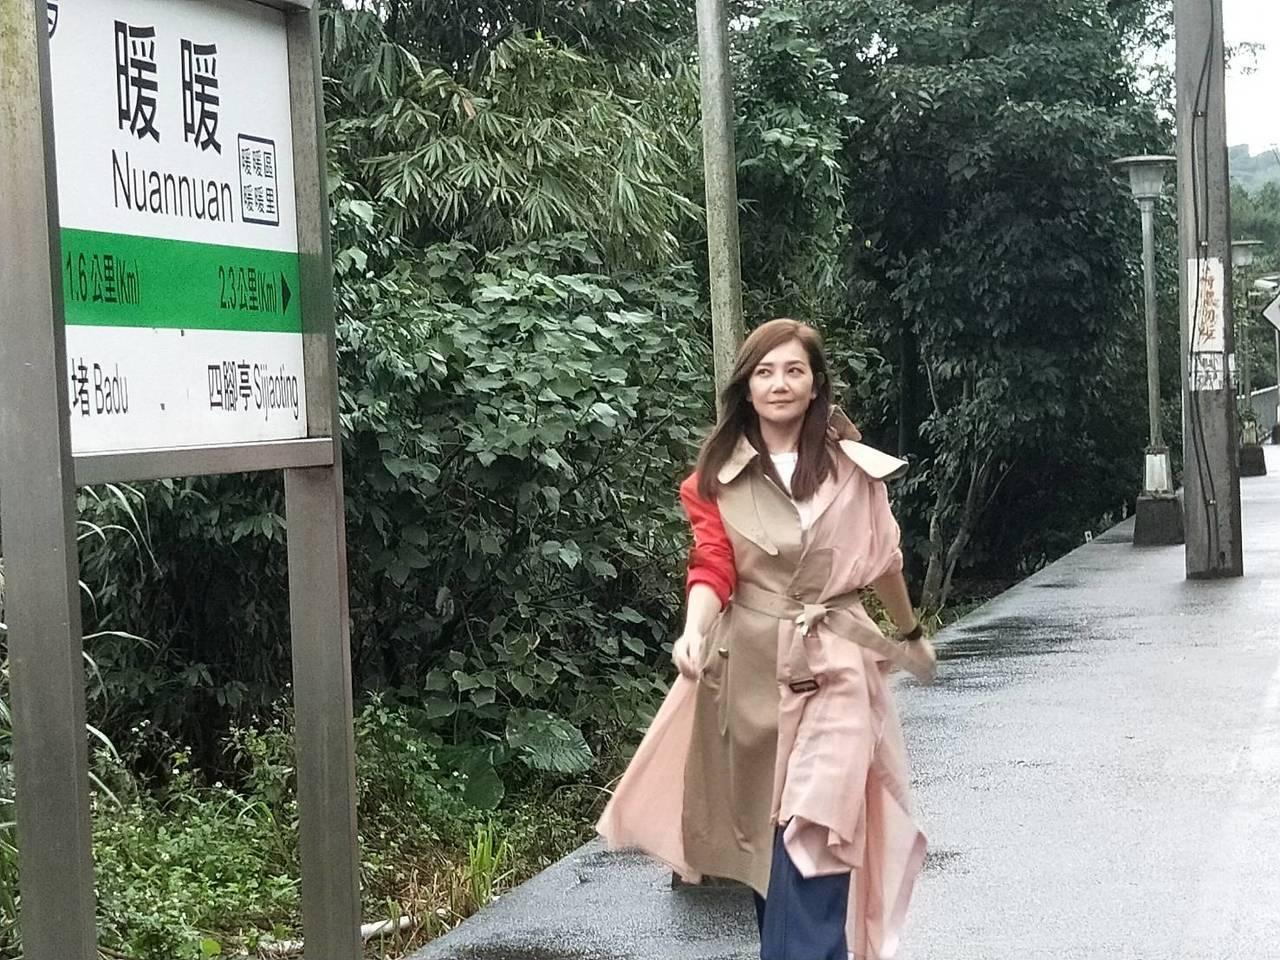 歌手梁靜茹昨天重回暖暖火車站,重溫當年拍MV的回憶。 記者游明煌/攝影